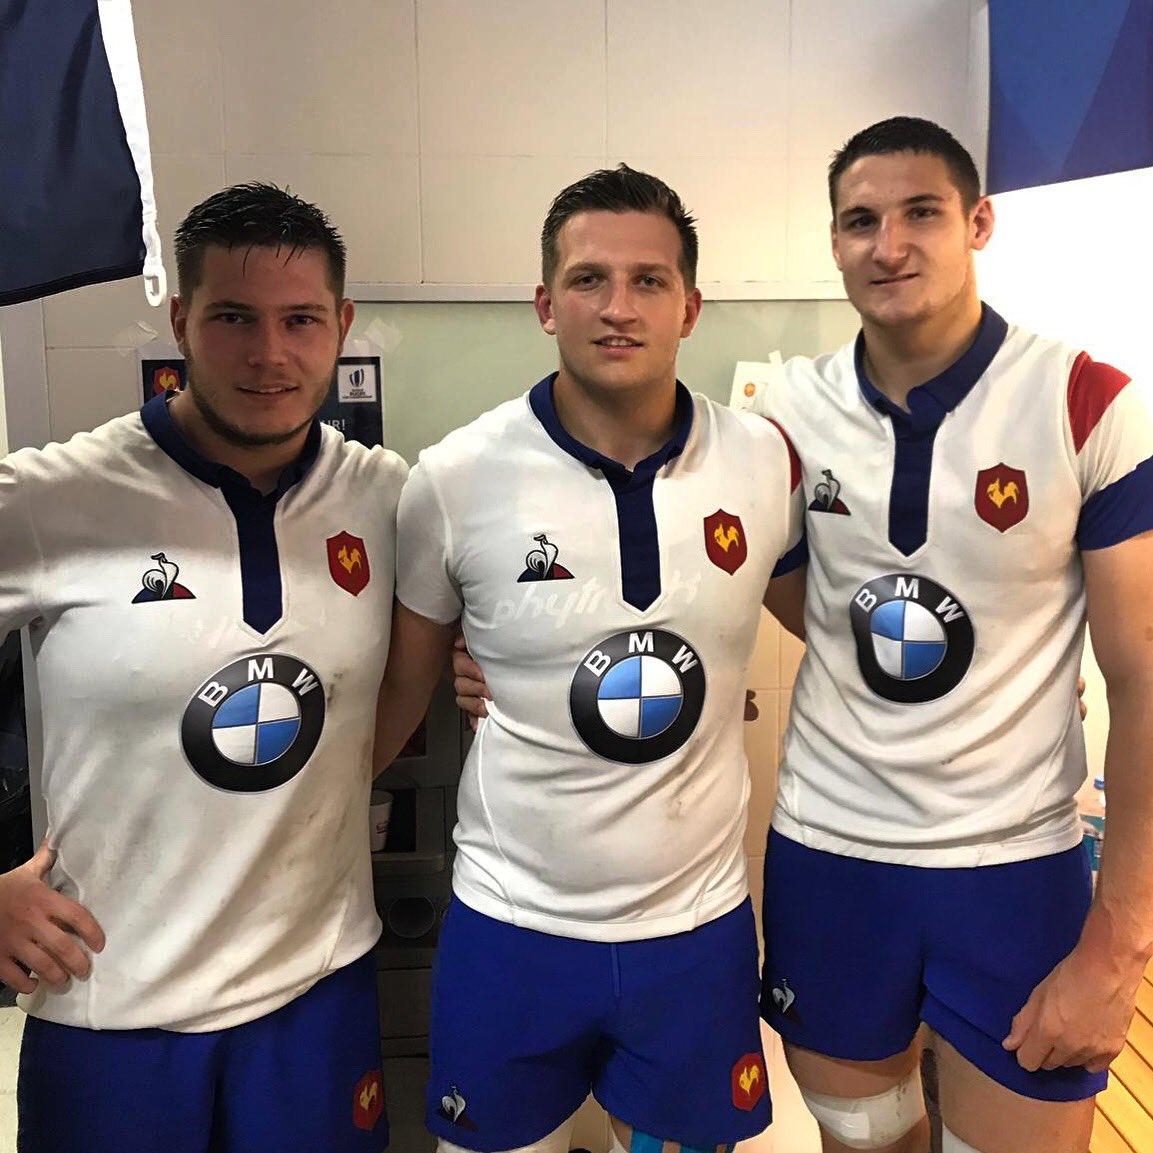 Ils sont pas fringants nos Petits Tricolores ? 😍  Direction la Finale de la Coupe du Monde, Messieurs ! ☝🏼🇫🇷💪🏼  @FFRugby @rugbyworldcup #FRAAUS #FRAU20 #AvecLeXV